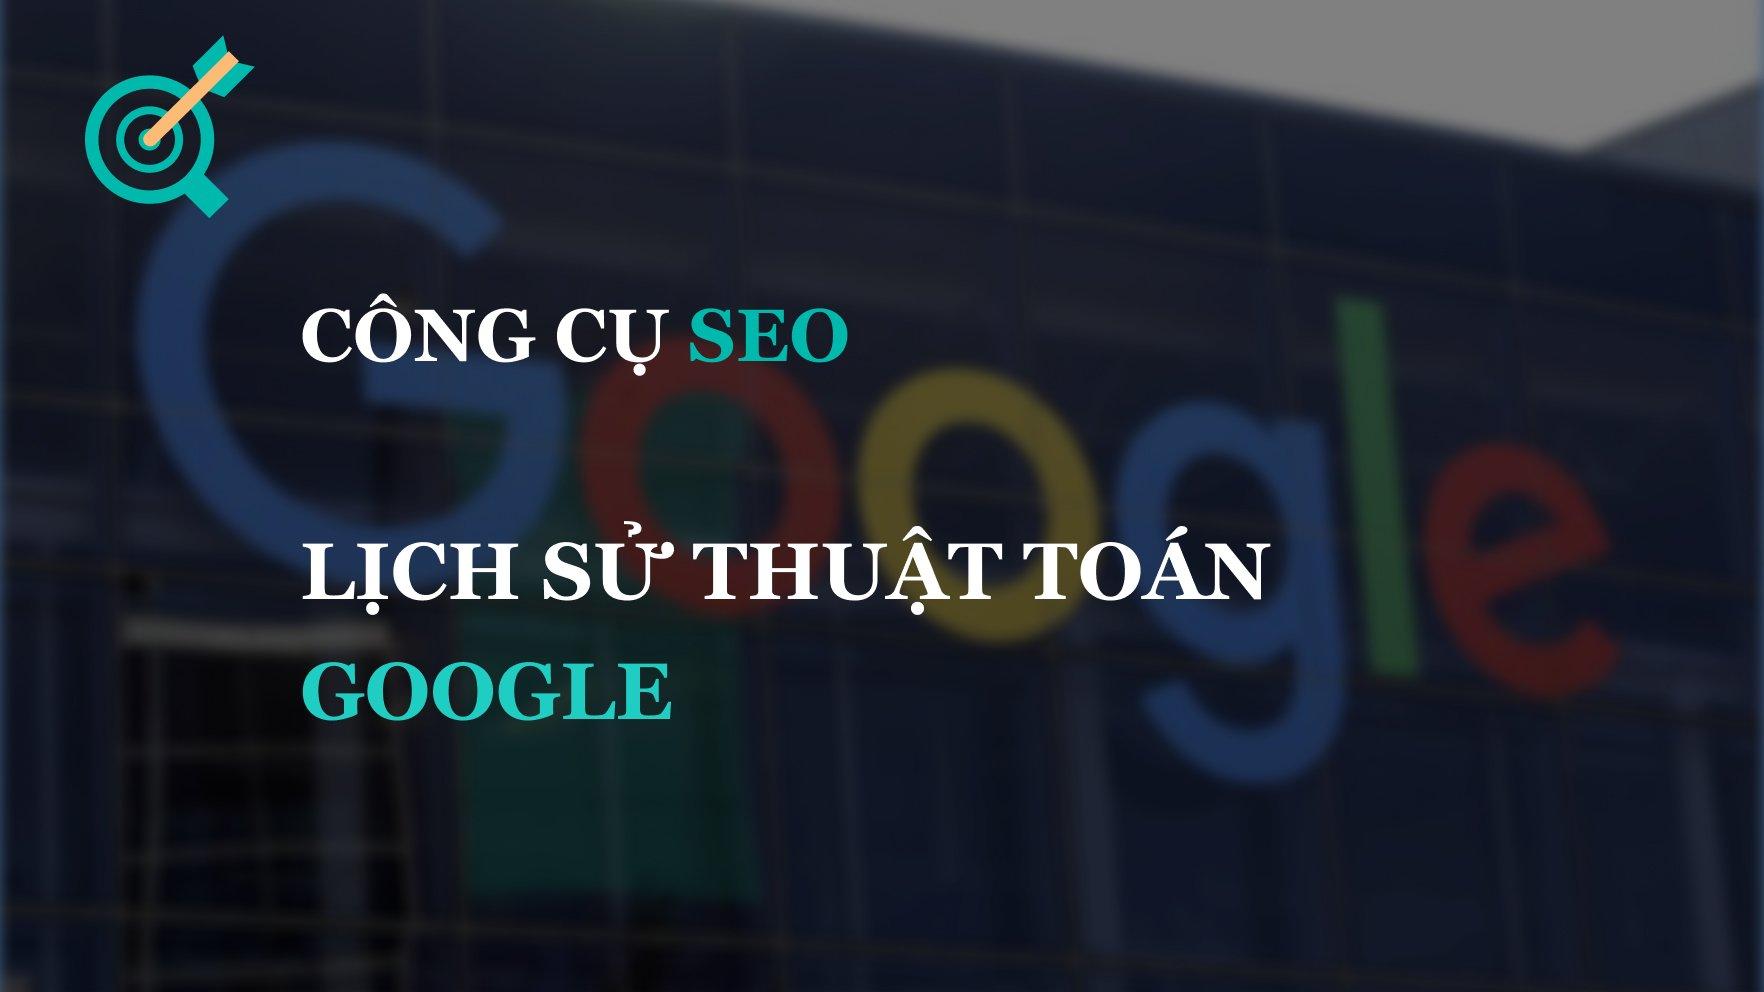 Lịch sử thuật toán Google qua các giai đoạn